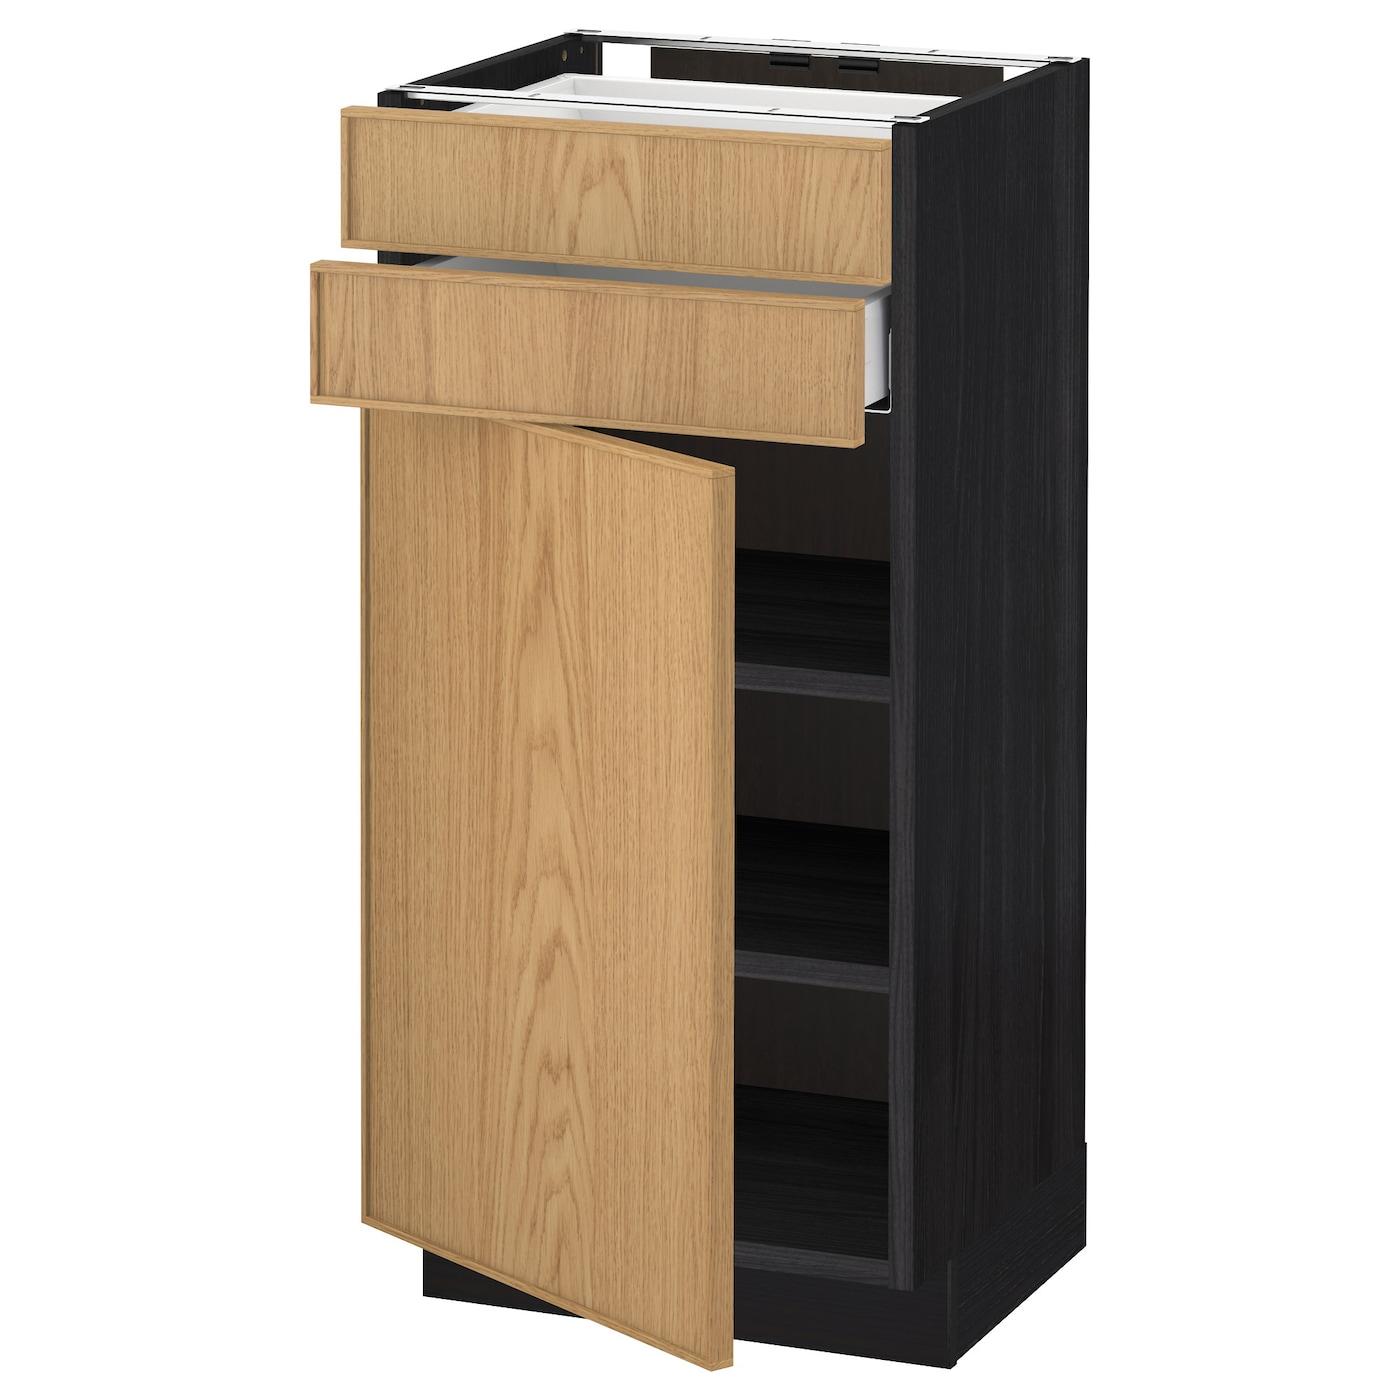 Metod maximera base cabinet w door 2 drawers black ekestad for Ikea base cabinets